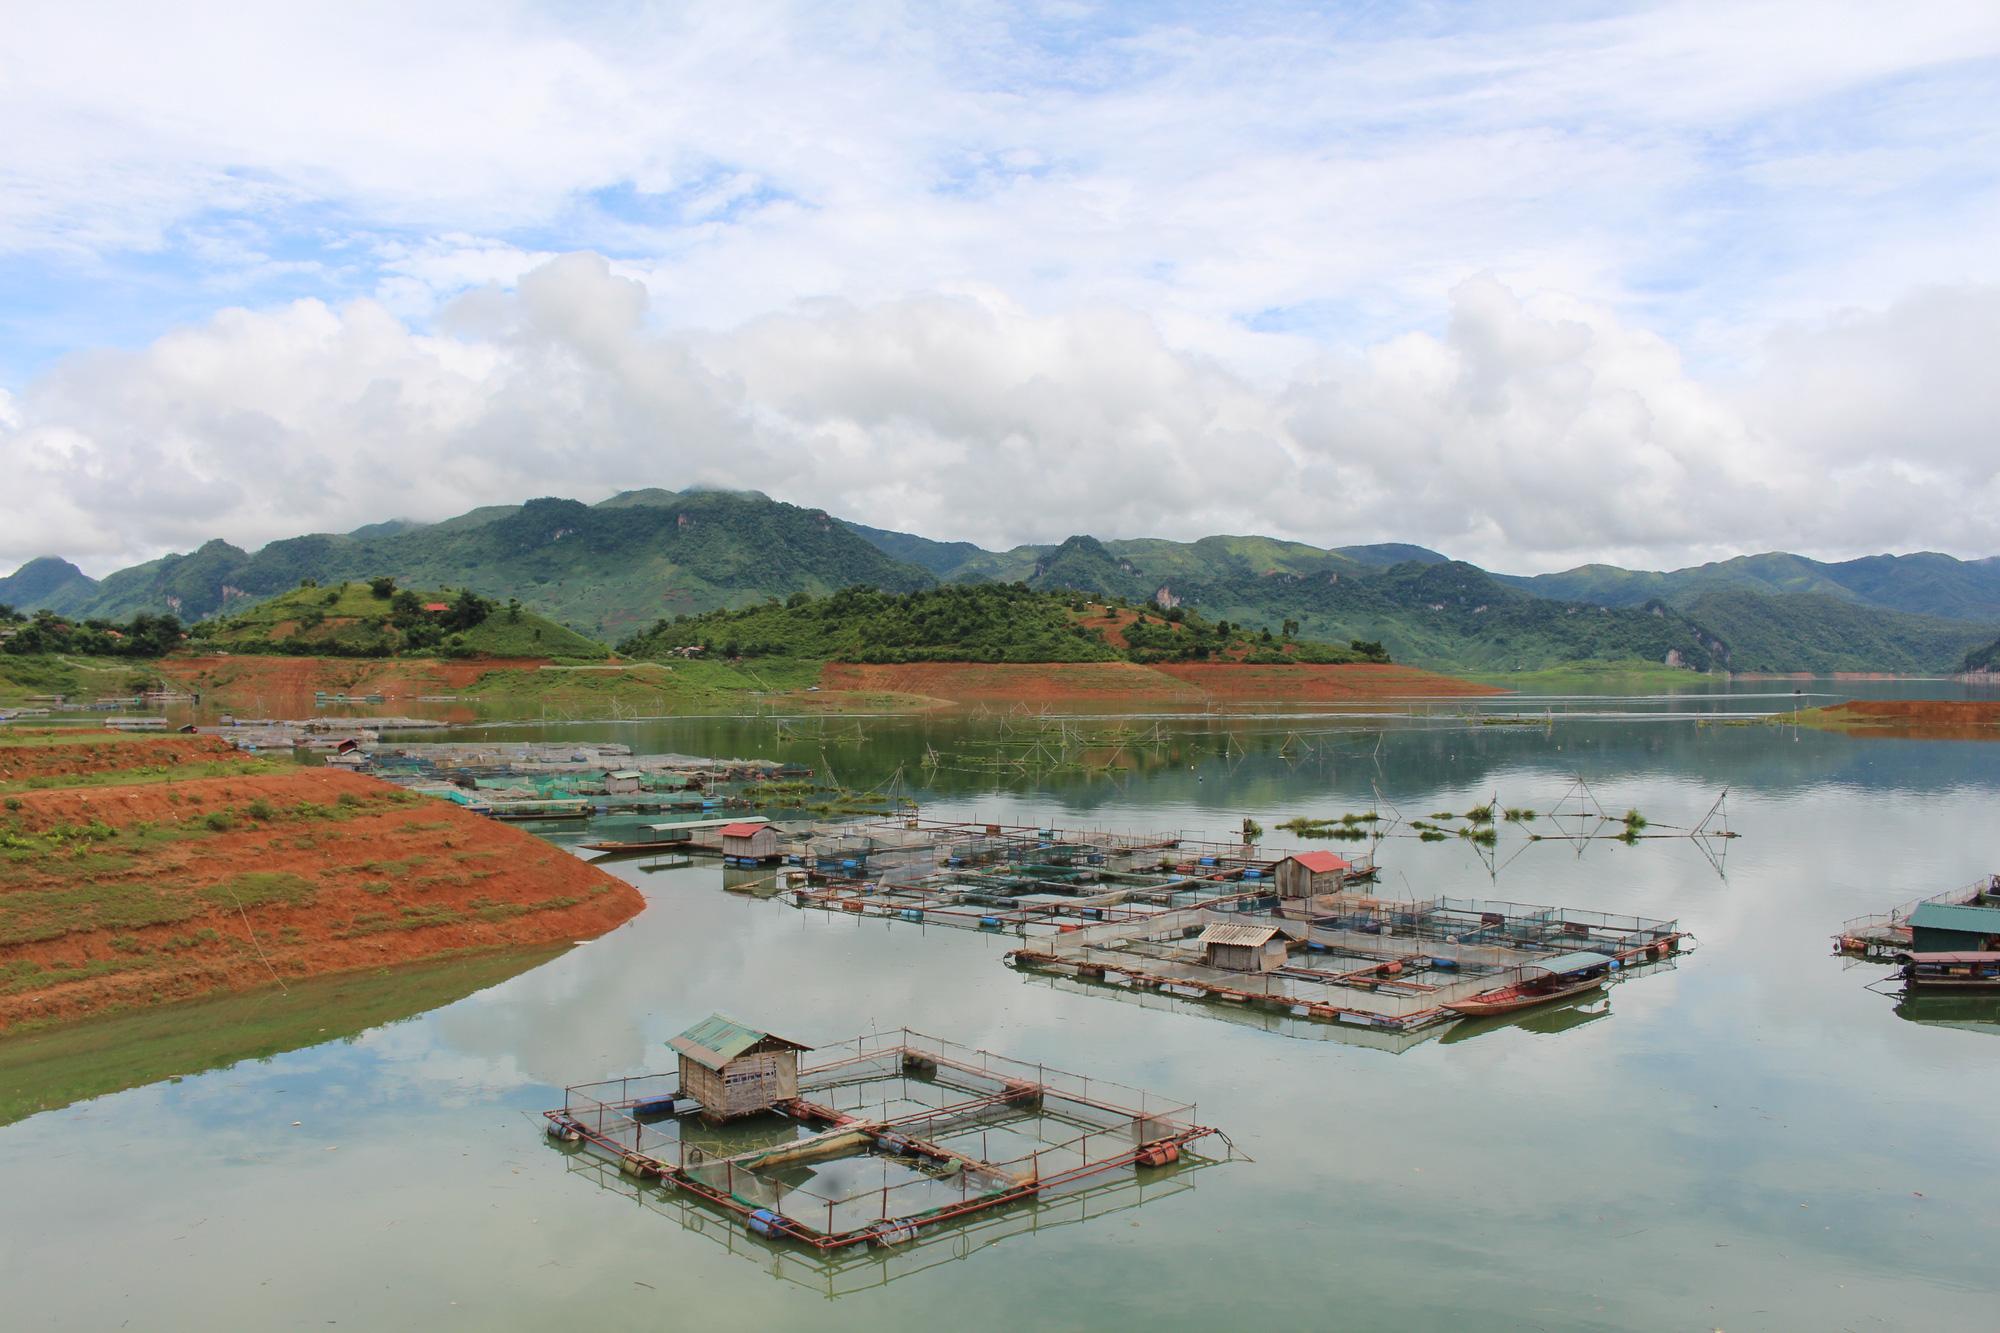 Sơn La phấn đấu trở thành trung tâm sản xuất giống, nuôi trồng thủy sản lớn nhất vùng Tây Bắc - Ảnh 2.